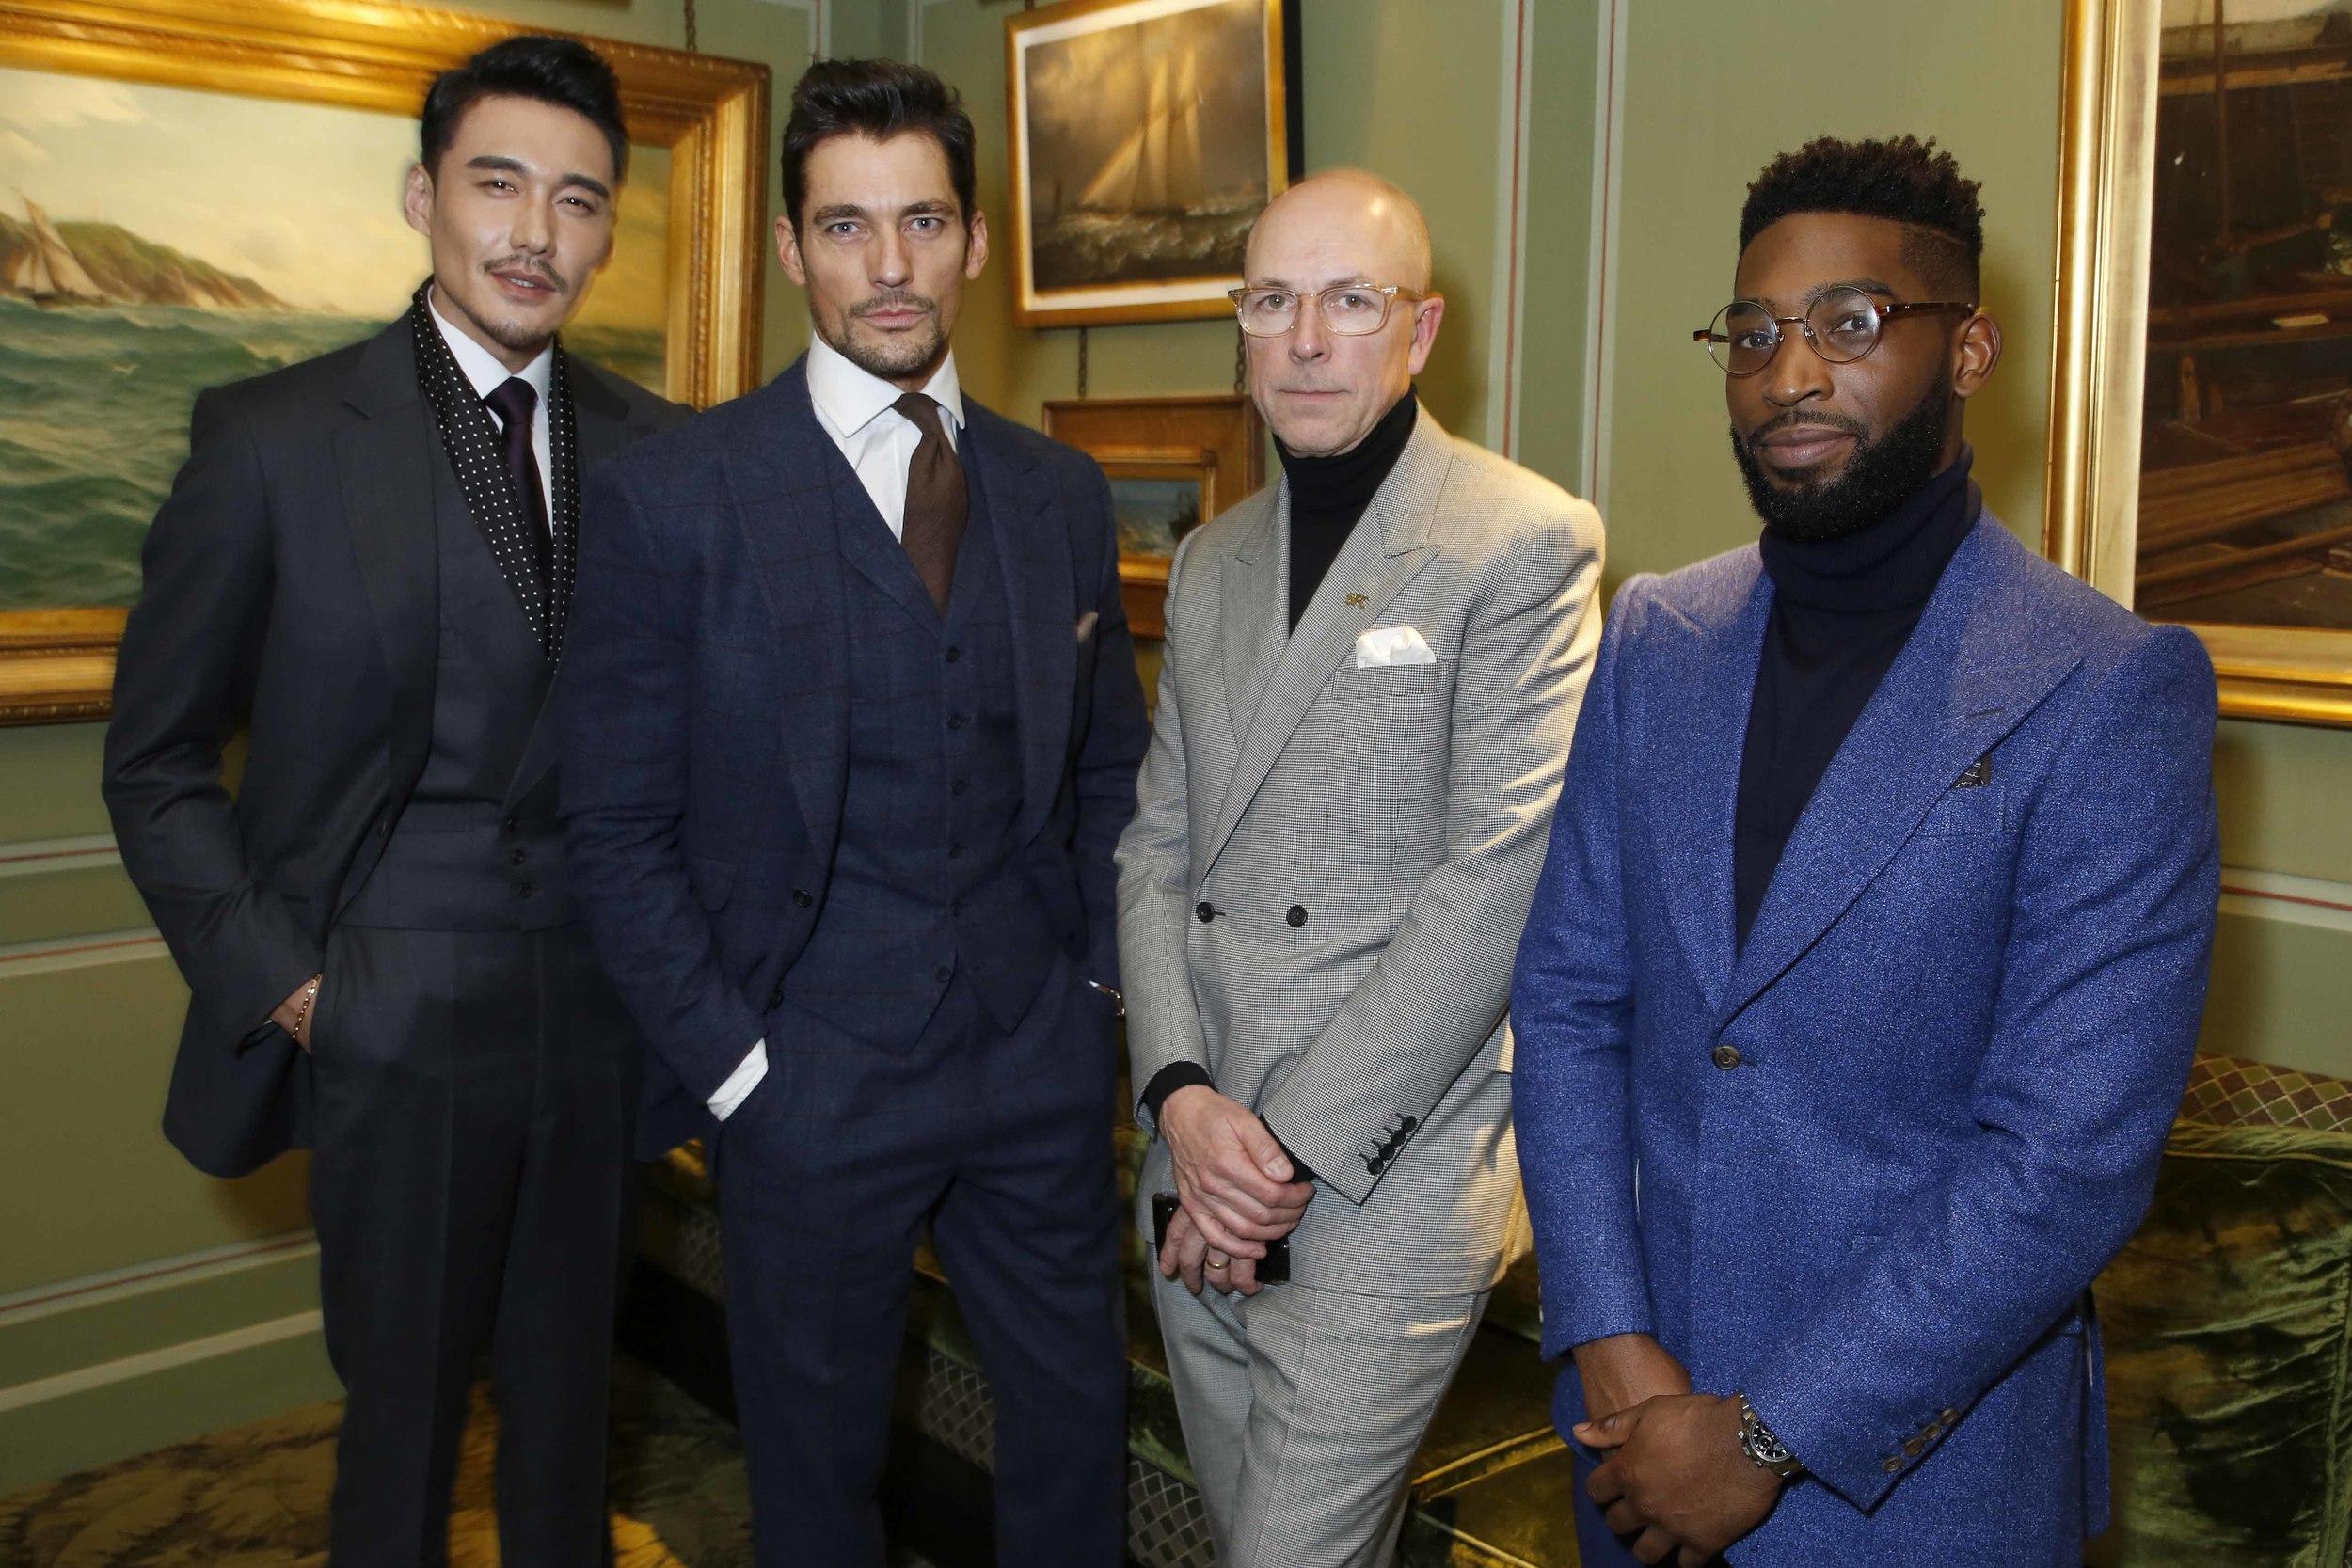 런던 남성복 디자인을 알리기 위해 영국패션협회가 선정한 LCM 홍보대사인 모델 올리버 체시어와 모델 데이비드 간디, 그리고 중국 배우 후빙. 가는 곳마다 플래시 세례를 몰고 다니는 홍보대사들은 런던 남성복 디자인을 알리는 데 앞장서고 있다.  ©Darren Gerrish